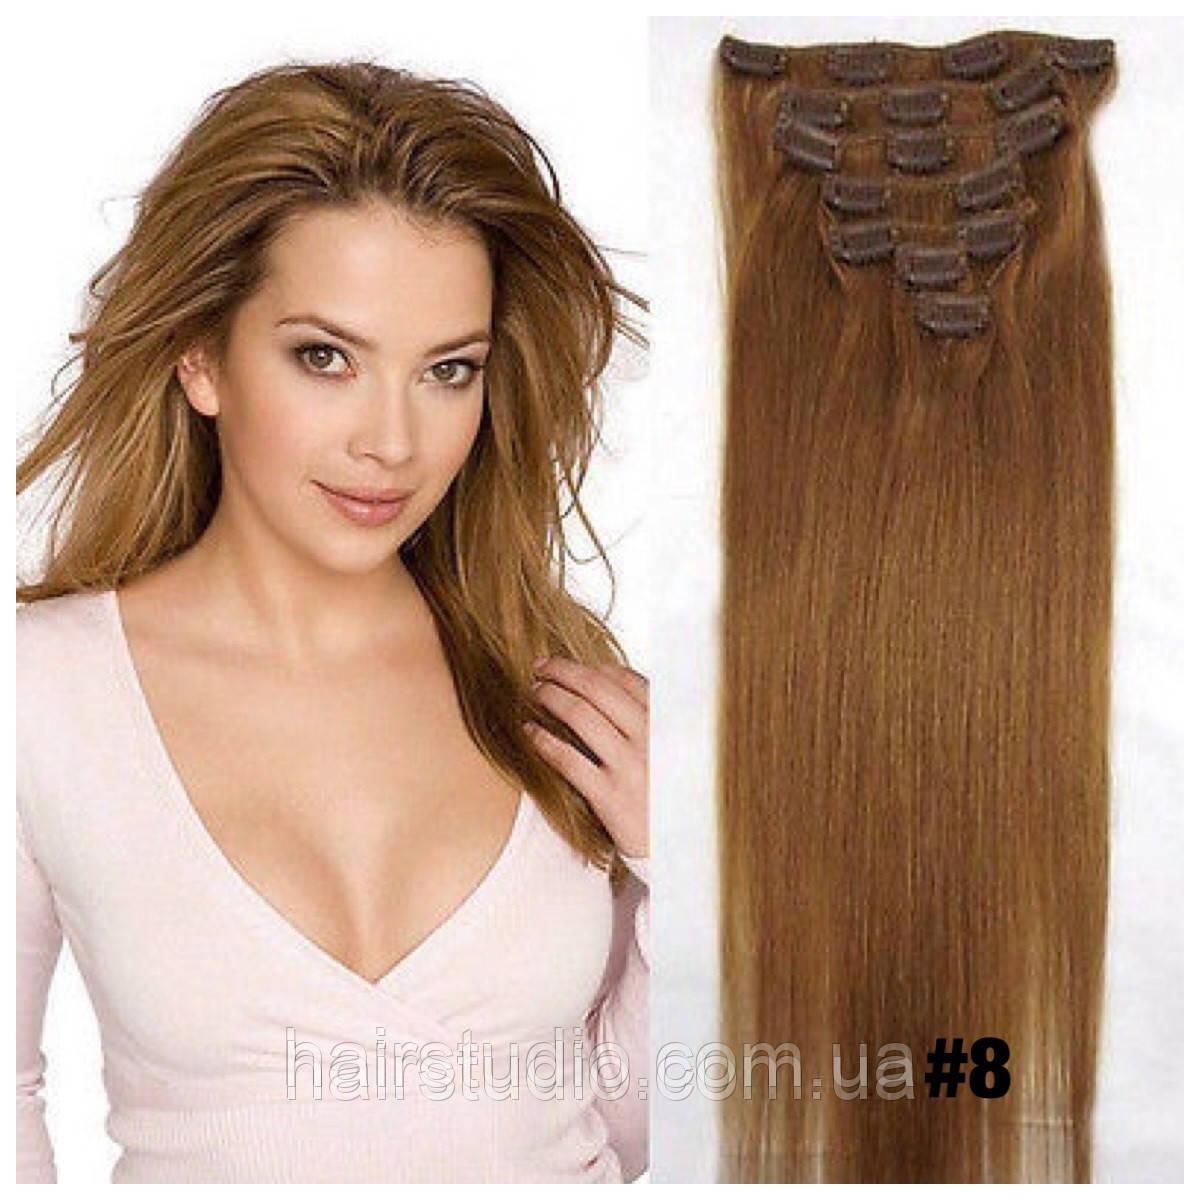 Волосся Remy на заколках для нарощування 50 см відтінок #8